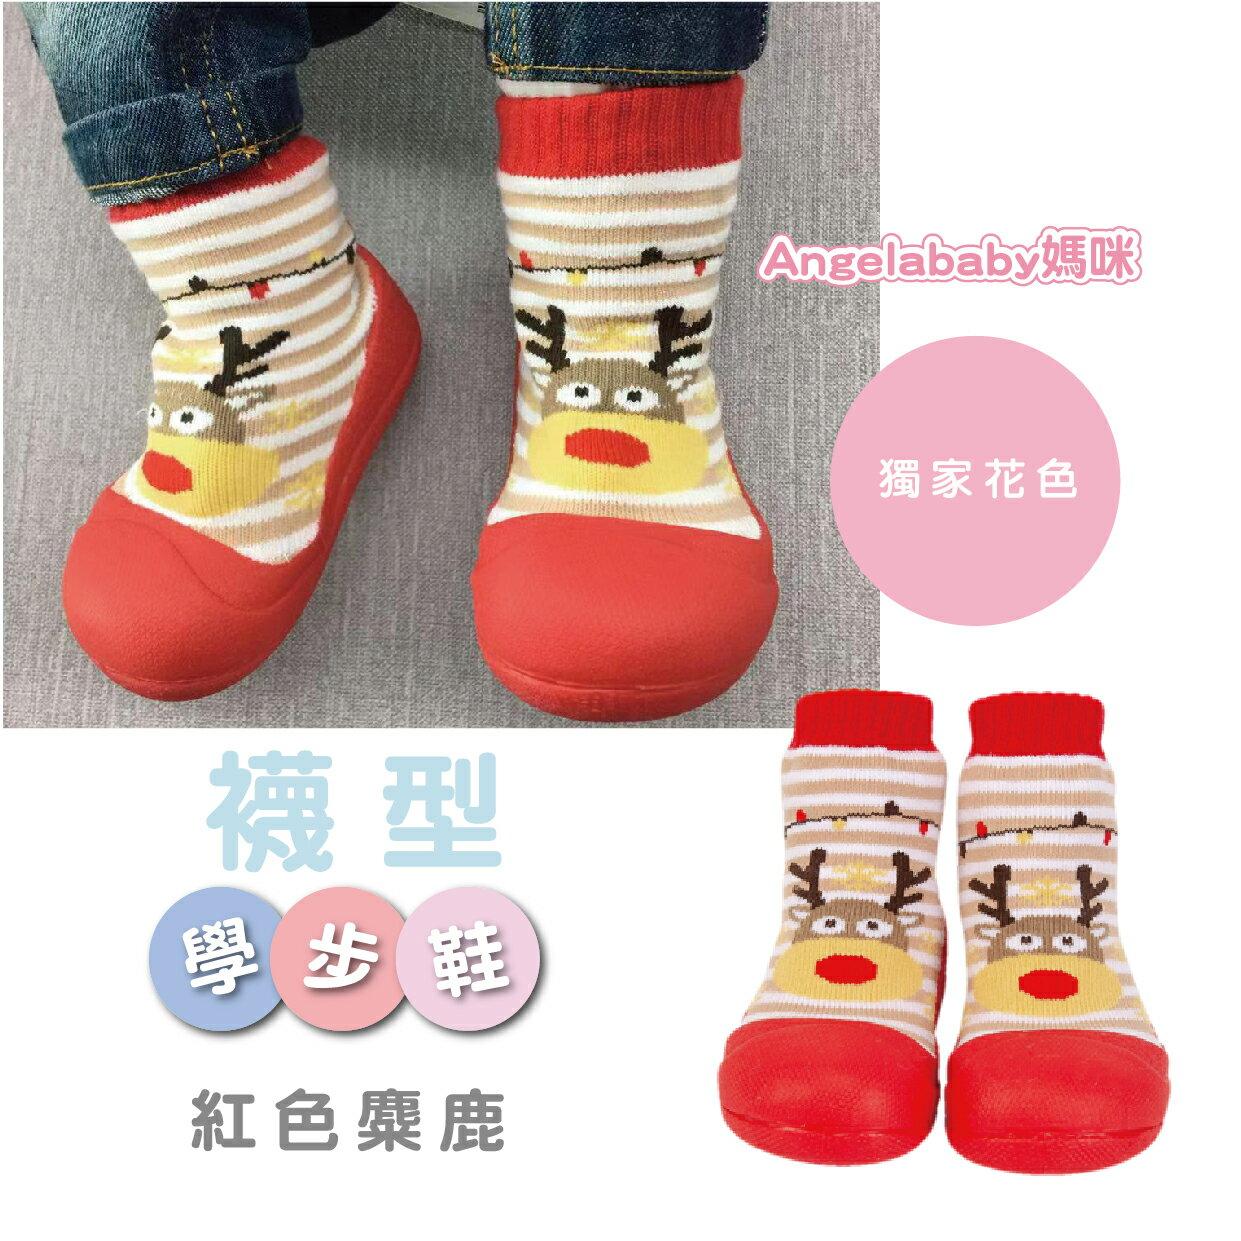 【培婗PeNi】英國品牌純棉毛圈襪鞋 / 幼兒學步鞋 / 襪型鞋 / 嬰兒鞋 4